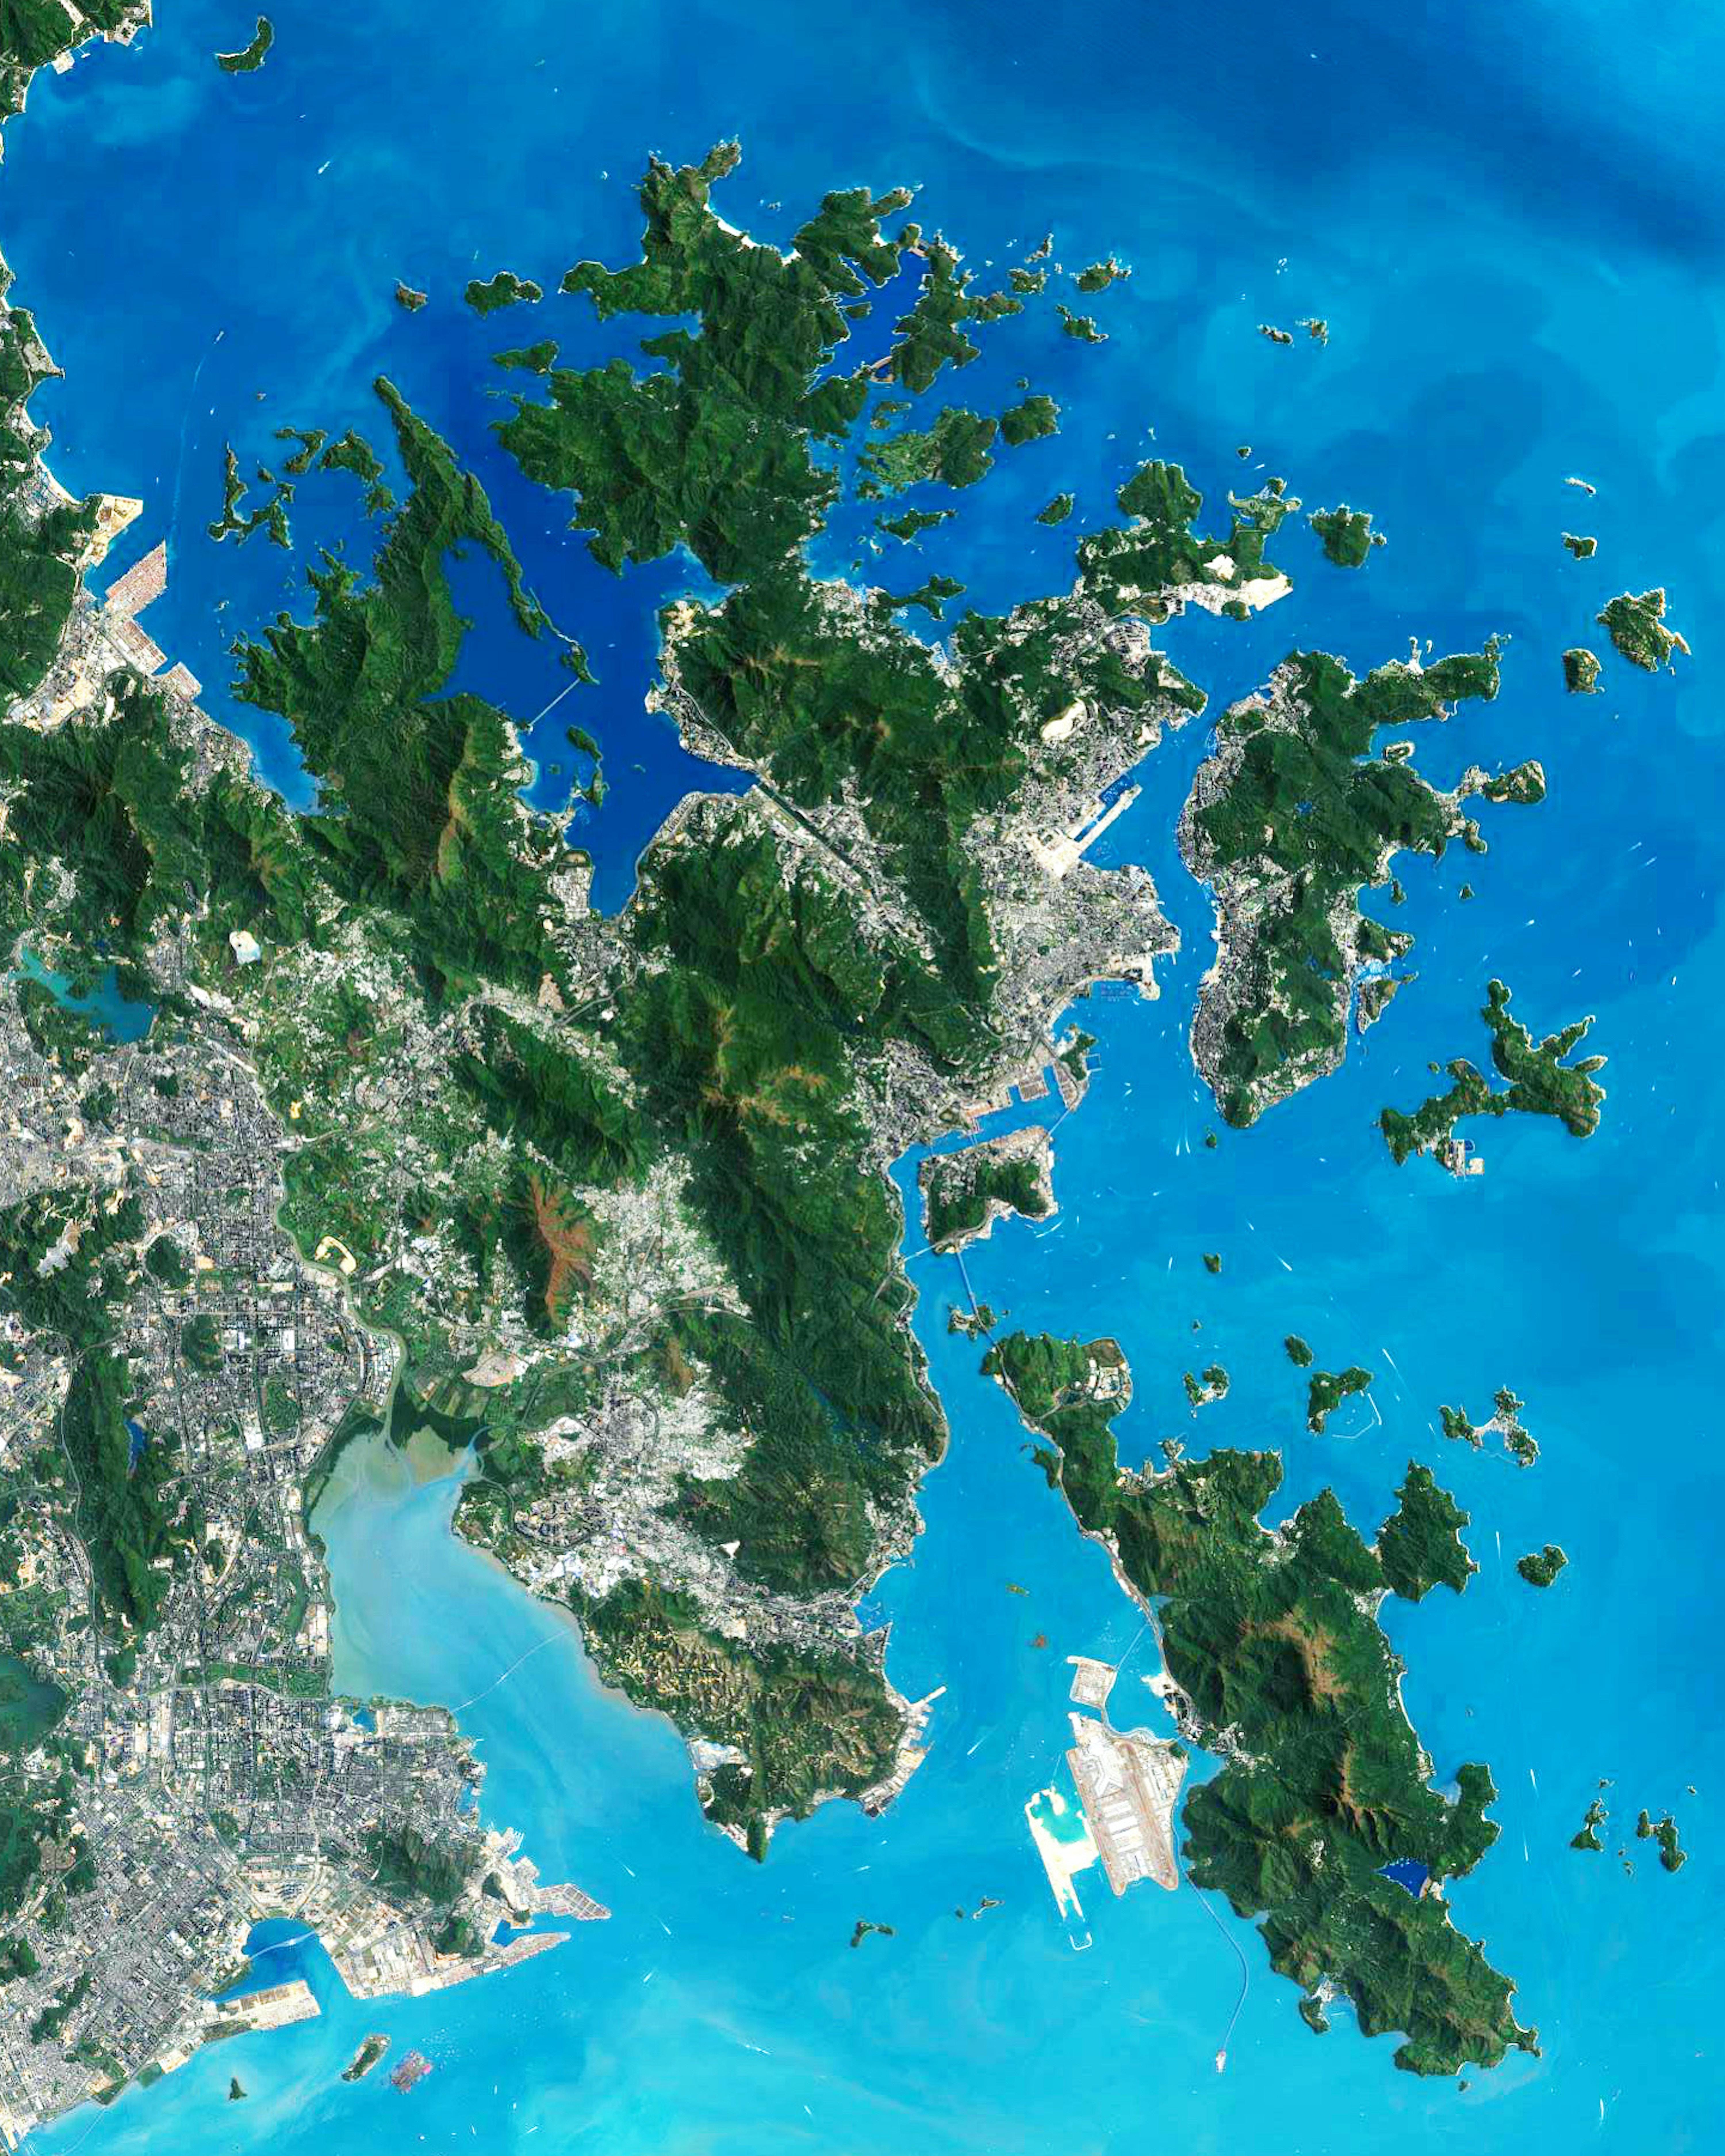 Greater Hong Kong